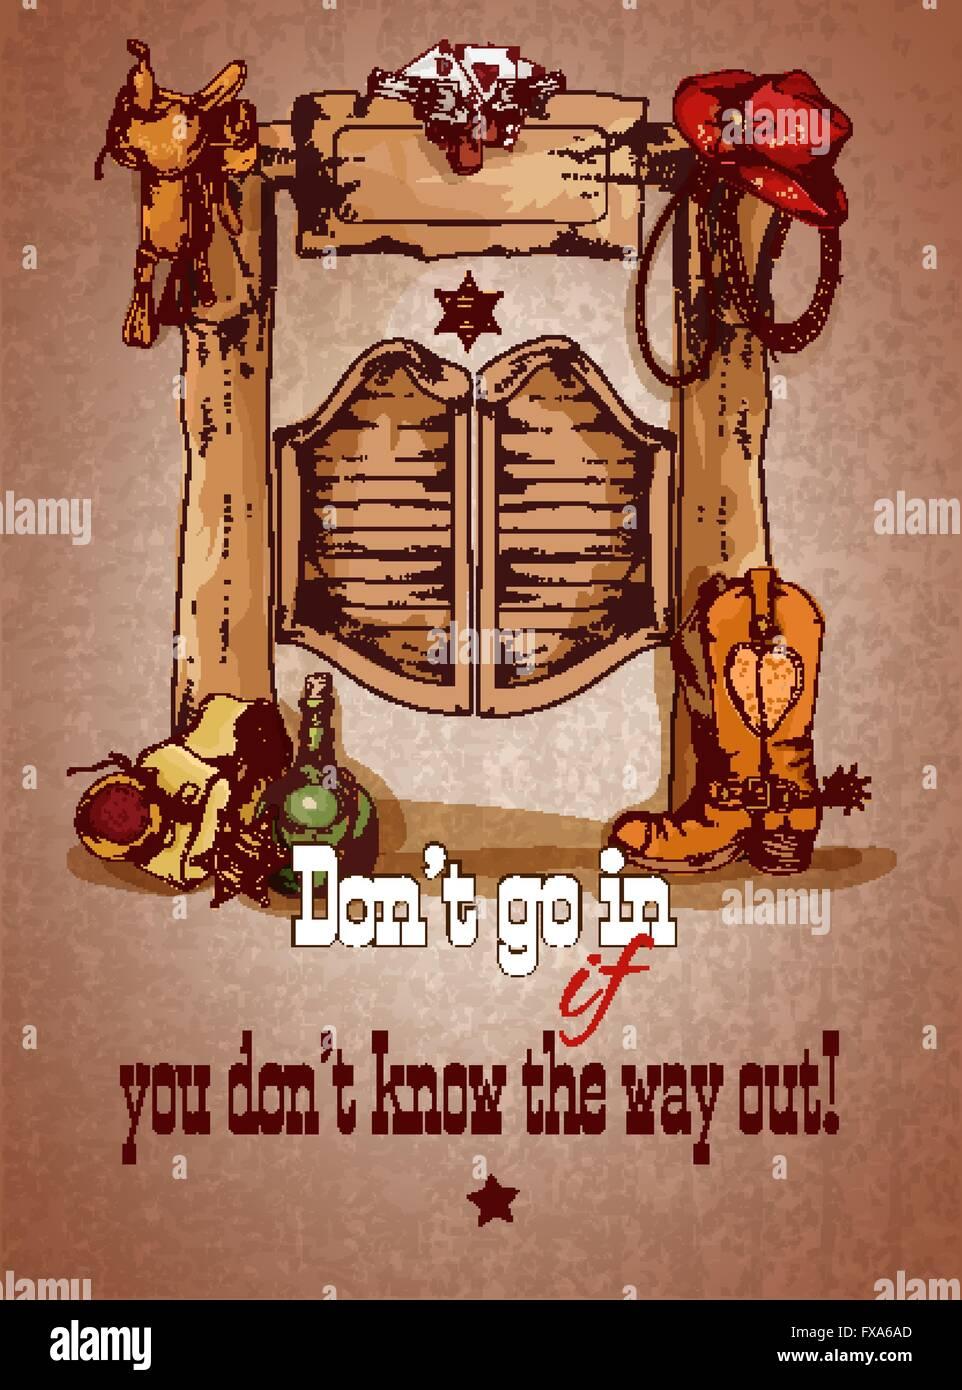 Illustration De Dessin Animé Enfant Cowboy Du Far West